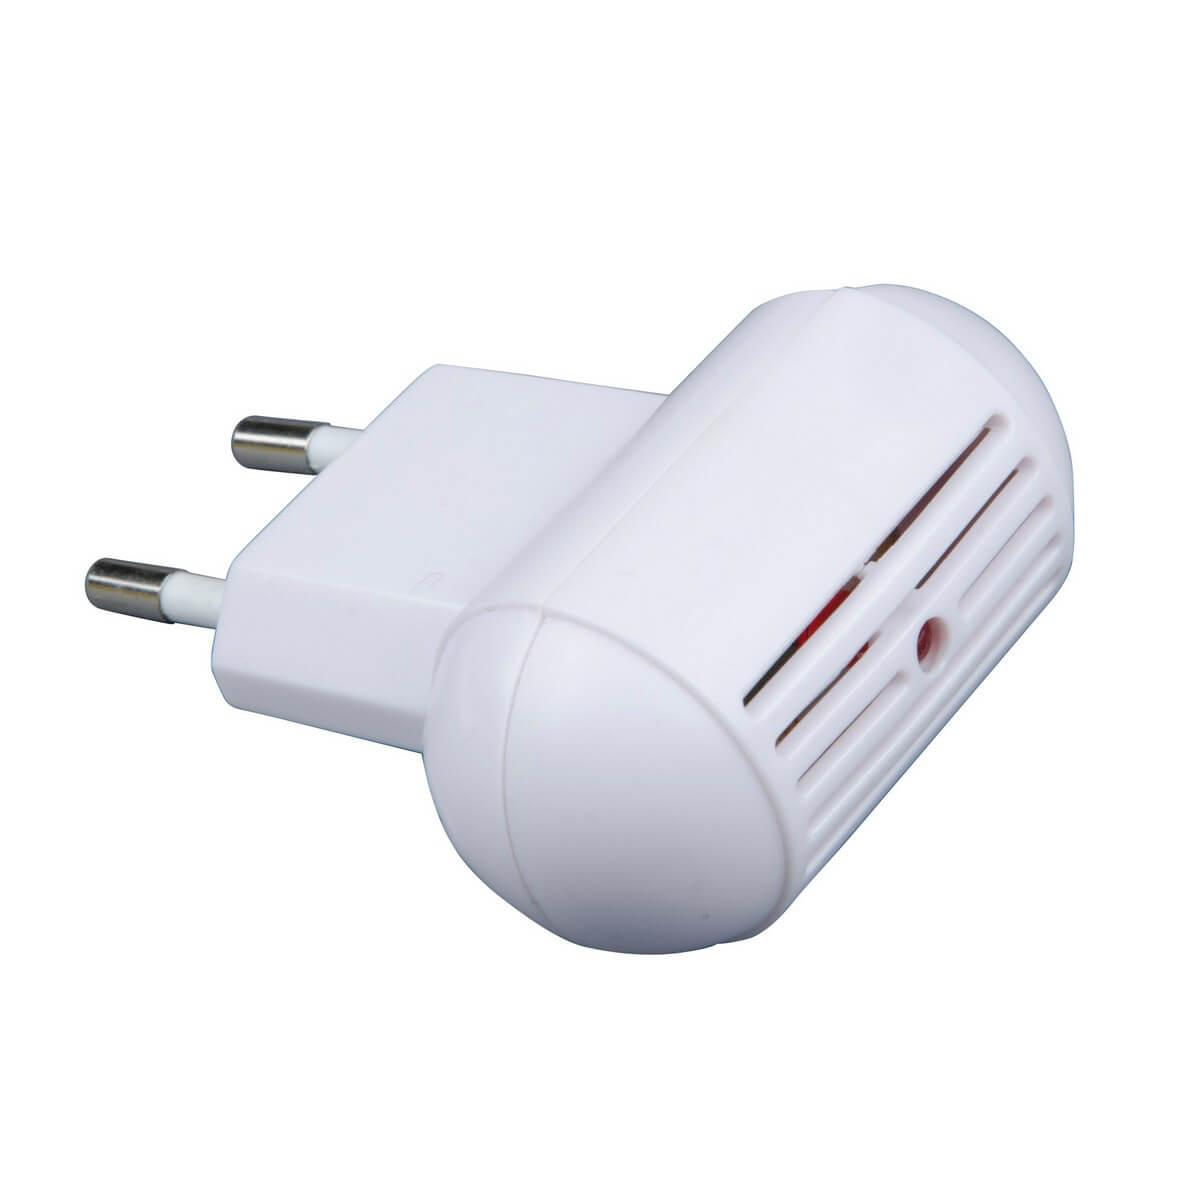 Ультразвуковой отпугиватель насекомых и грызунов (UL-00004561) Uniel UDR-E10 White все цены